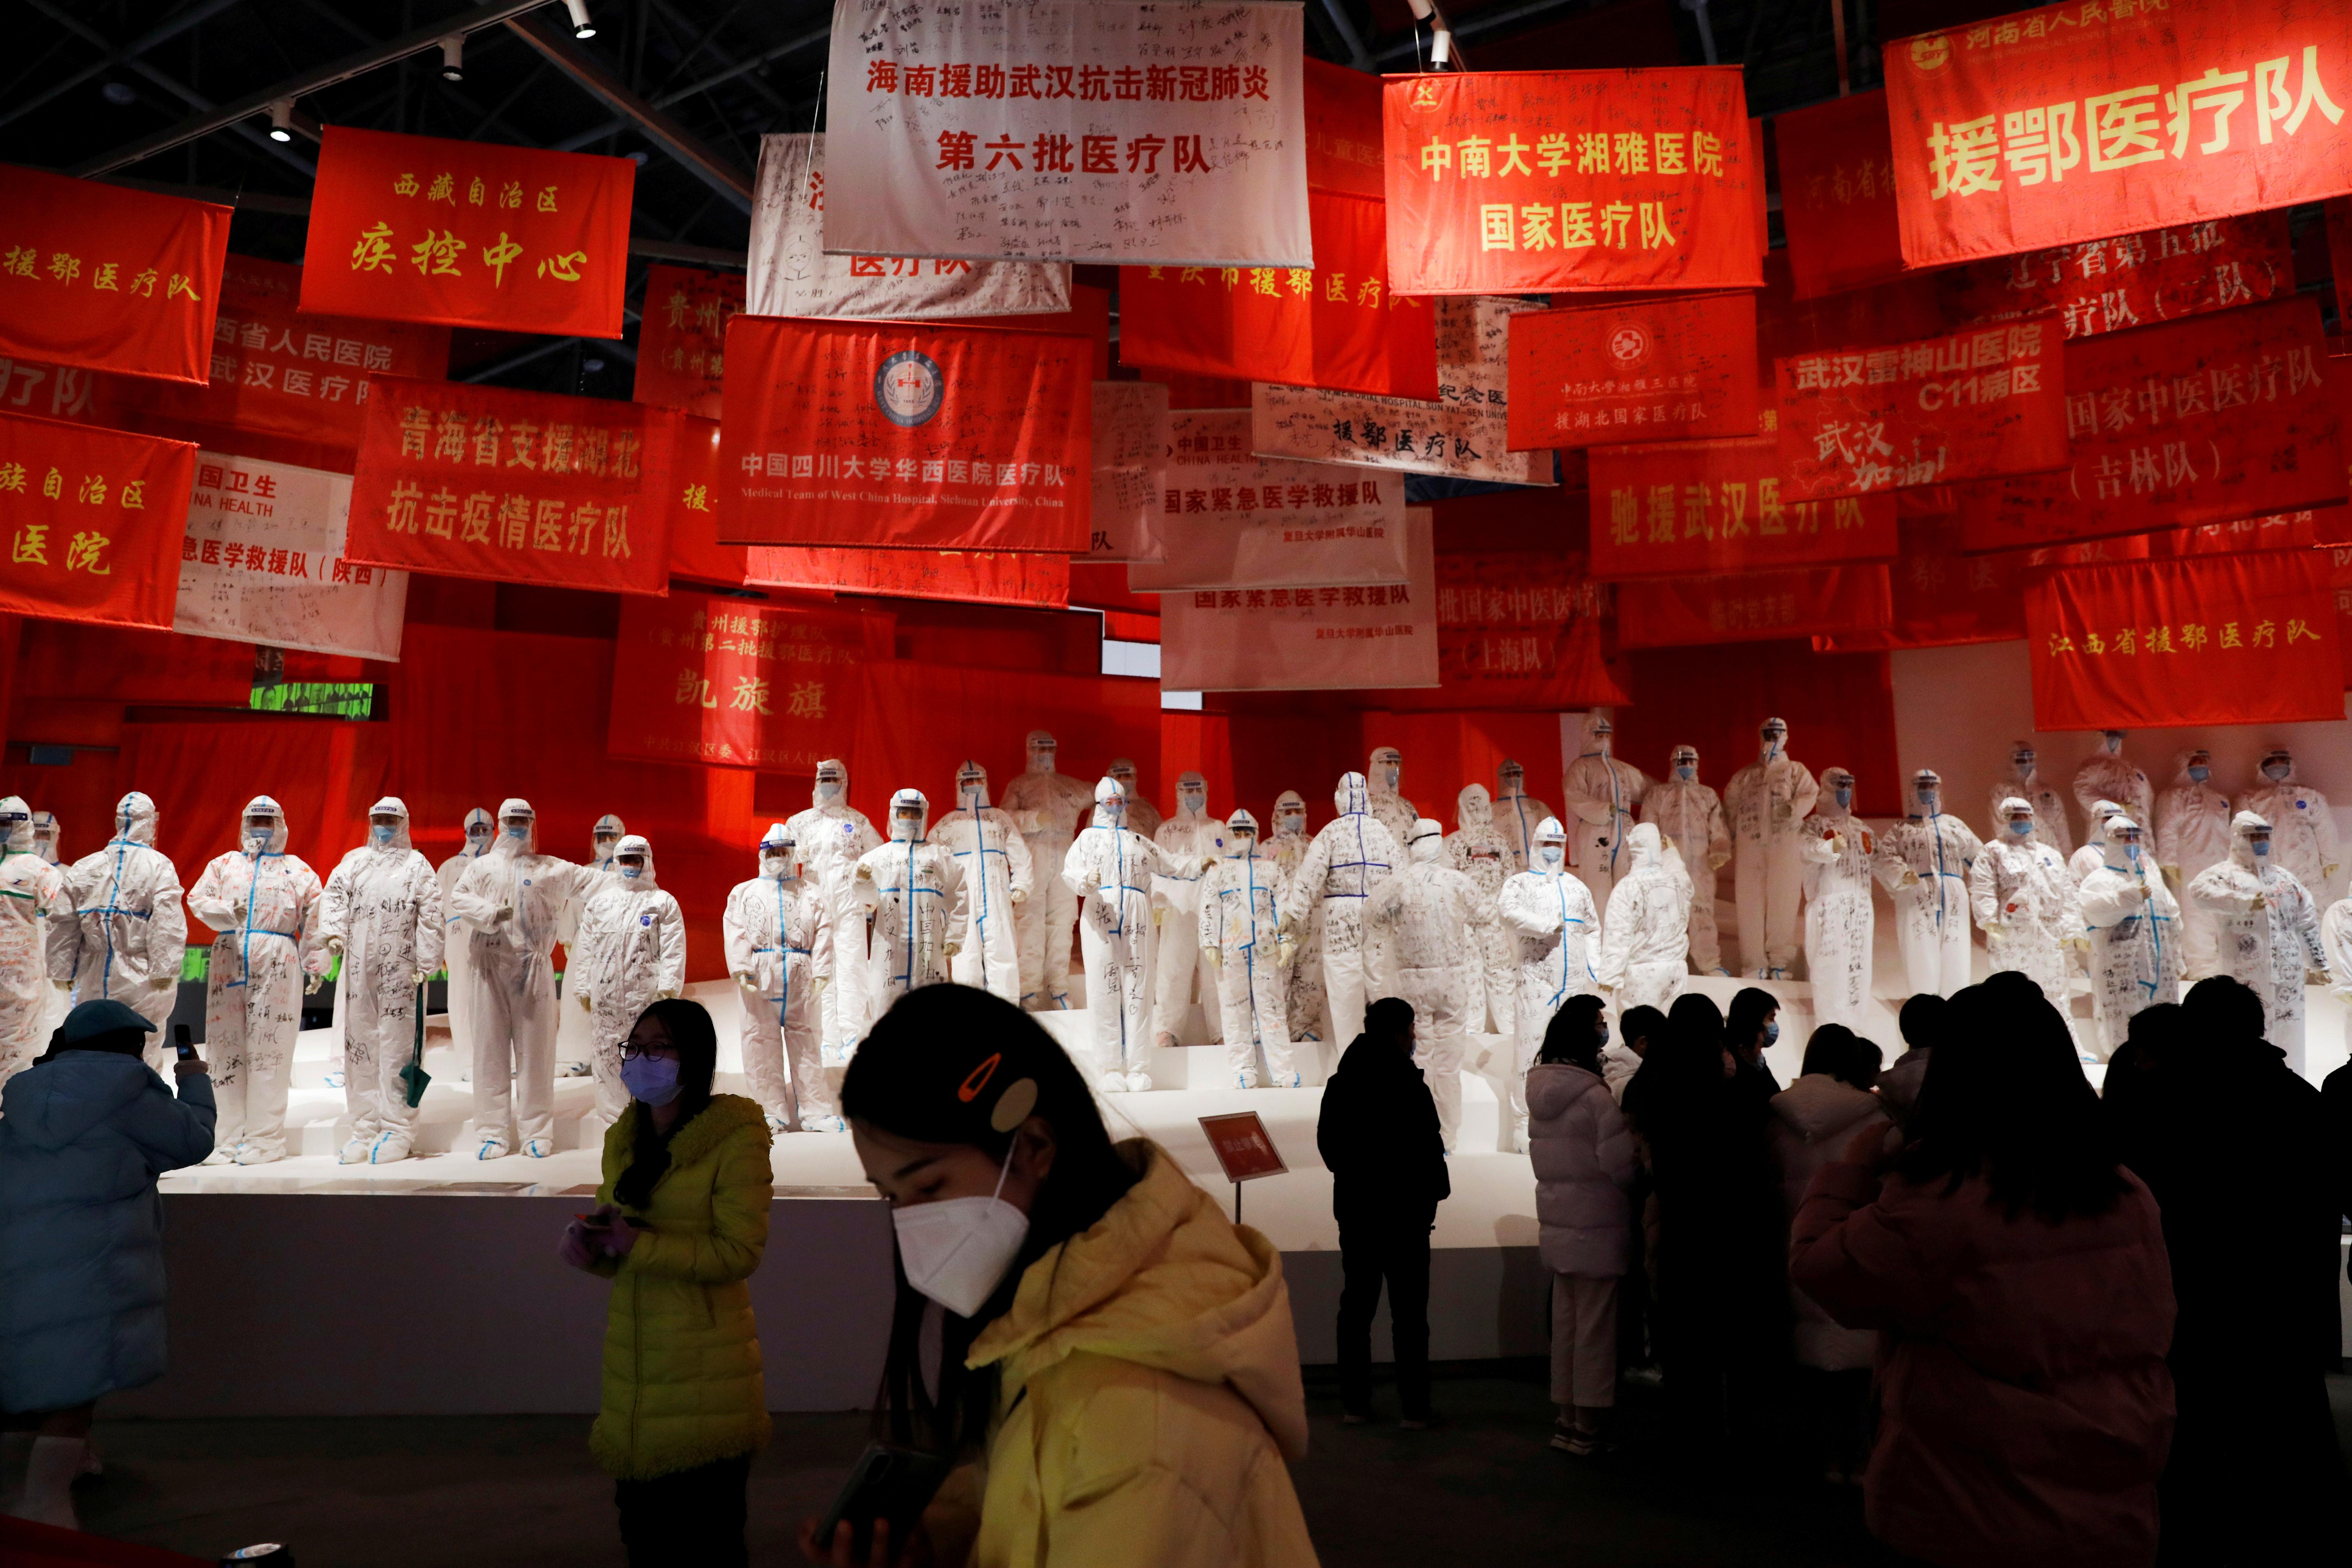 چندین نفر از نمایشگاه بازدید می کنند